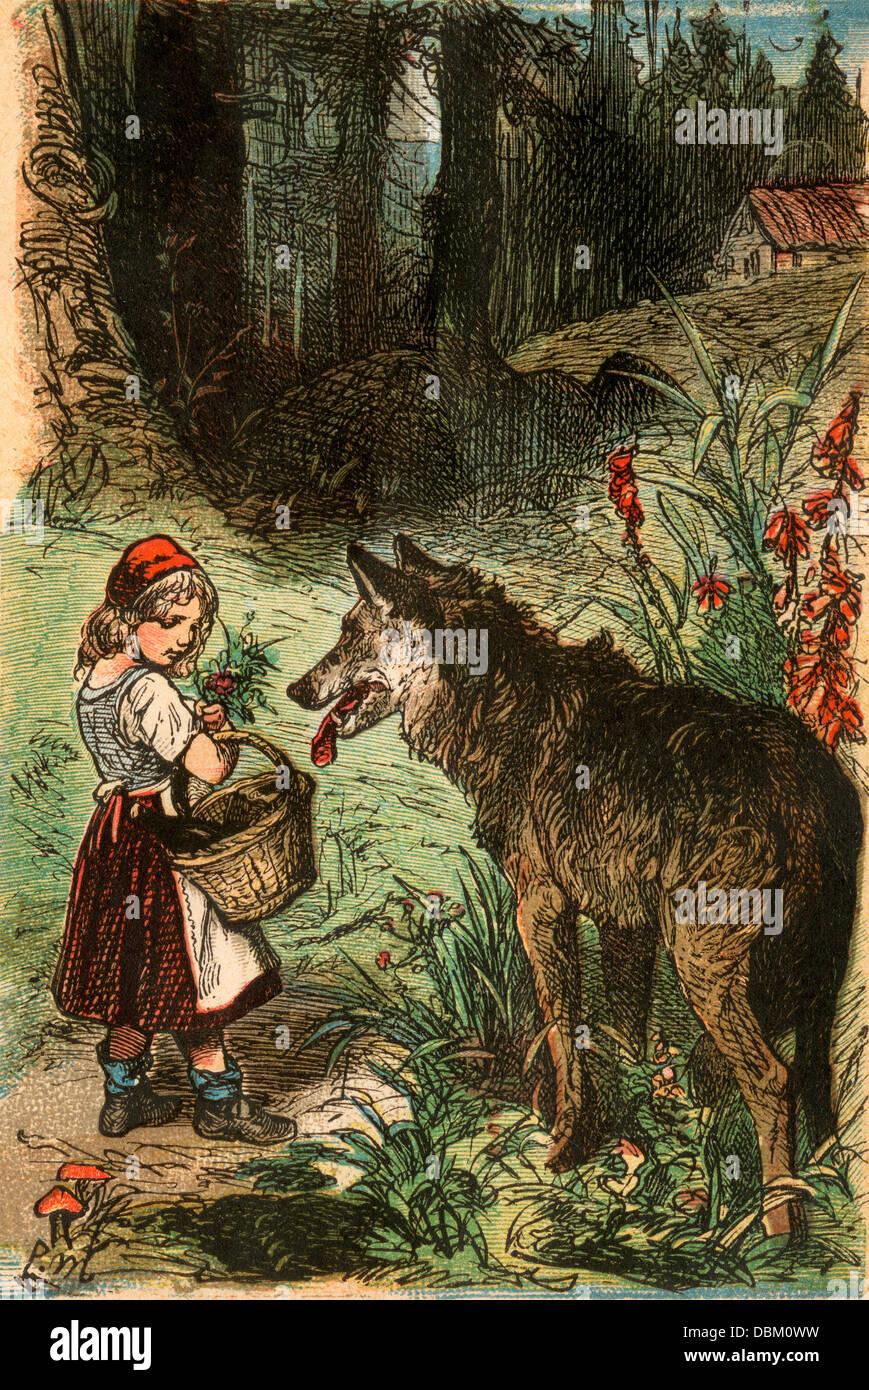 Le Petit Chaperon Rouge, d'une édition de Berlin des Contes de Grimm, 1865. Plaque de couleur Photo Stock